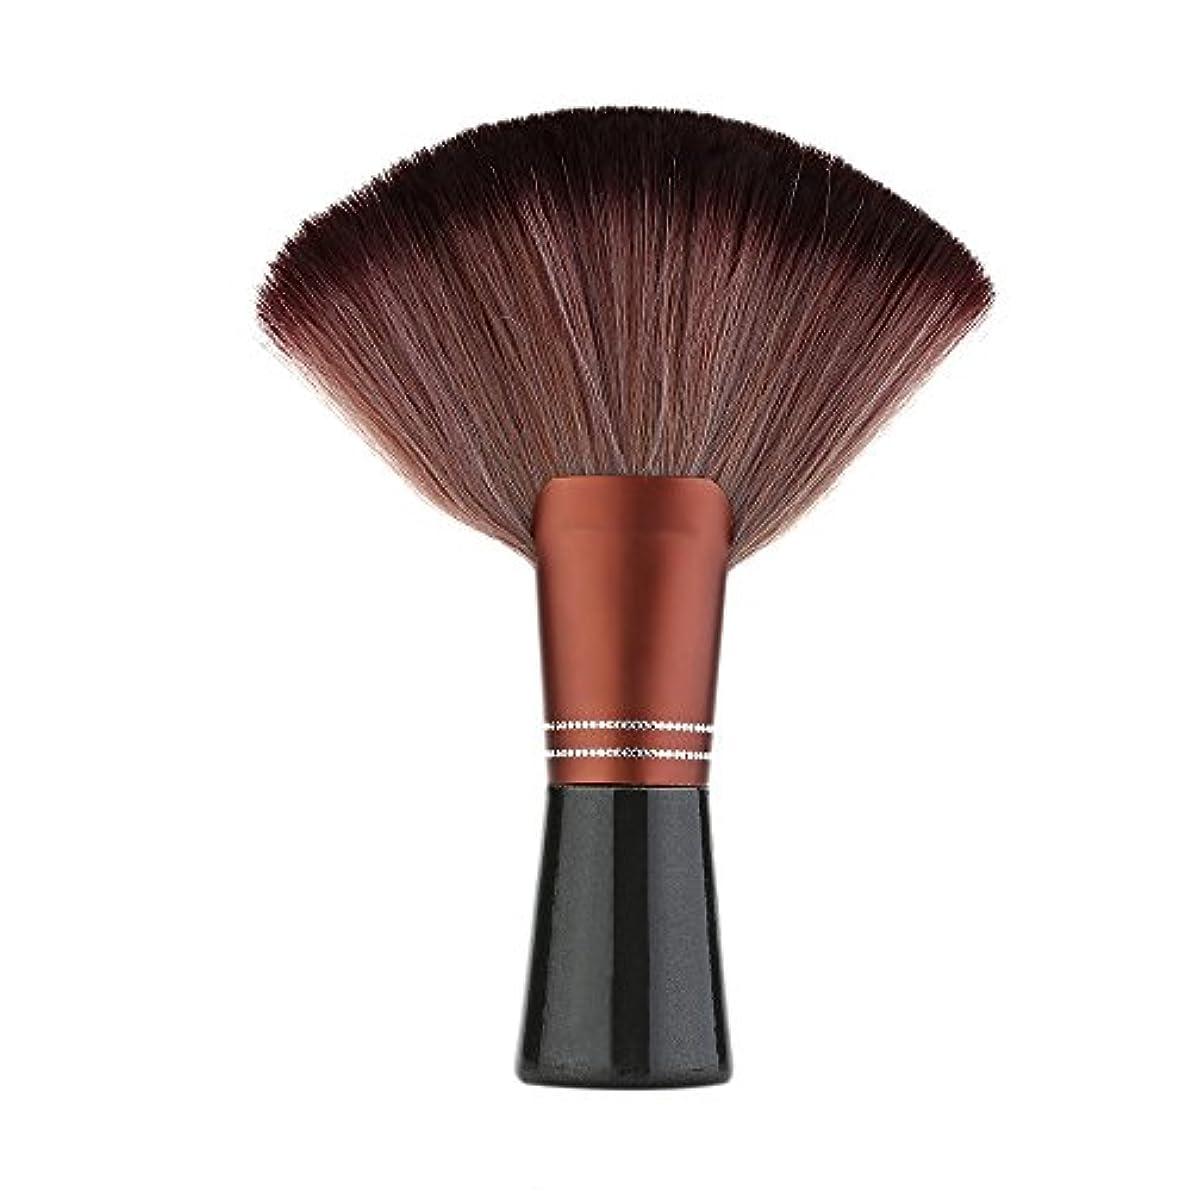 Decdeal 理髪ブラシ ネックブラシ 理髪師 ヘアブラシ 毛払いブラシ 髪切り 散髪用ツール